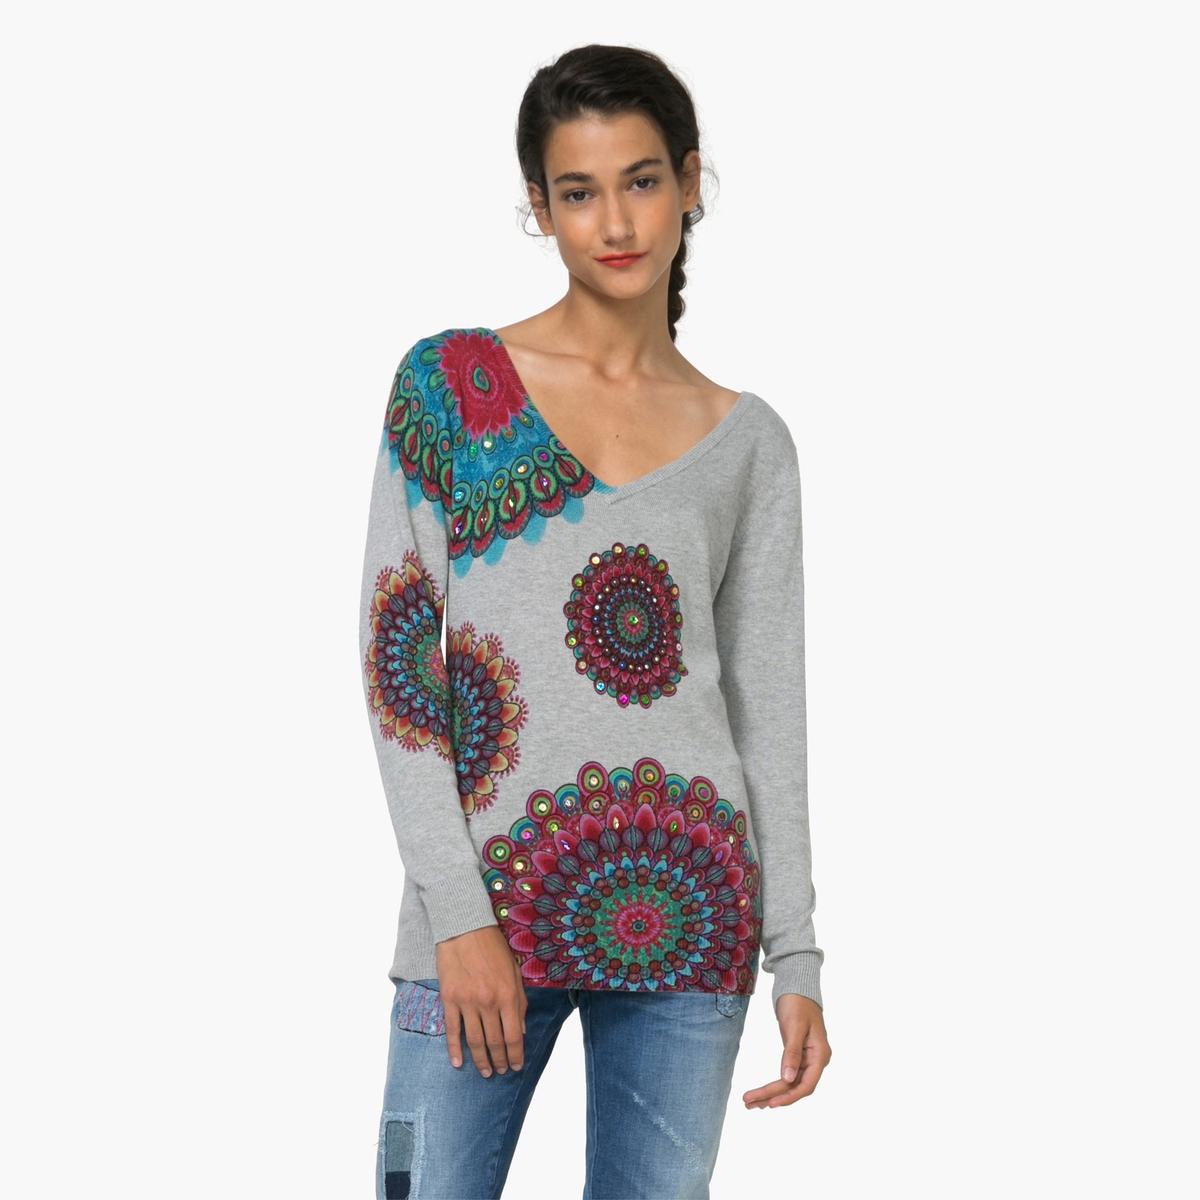 Пуловер с длинными рукавами с рисункомМатериал : 5% шелка, 42% вискозы, 53% хлопка Длина рукава : длинные рукава Форма воротника : V-образный вырез Покрой пуловера : стандартный Рисунок : с рисунком  Особенность пуловера : широкий рукав фасона летучая мышь<br><br>Цвет: светло-серый<br>Размер: XL.L